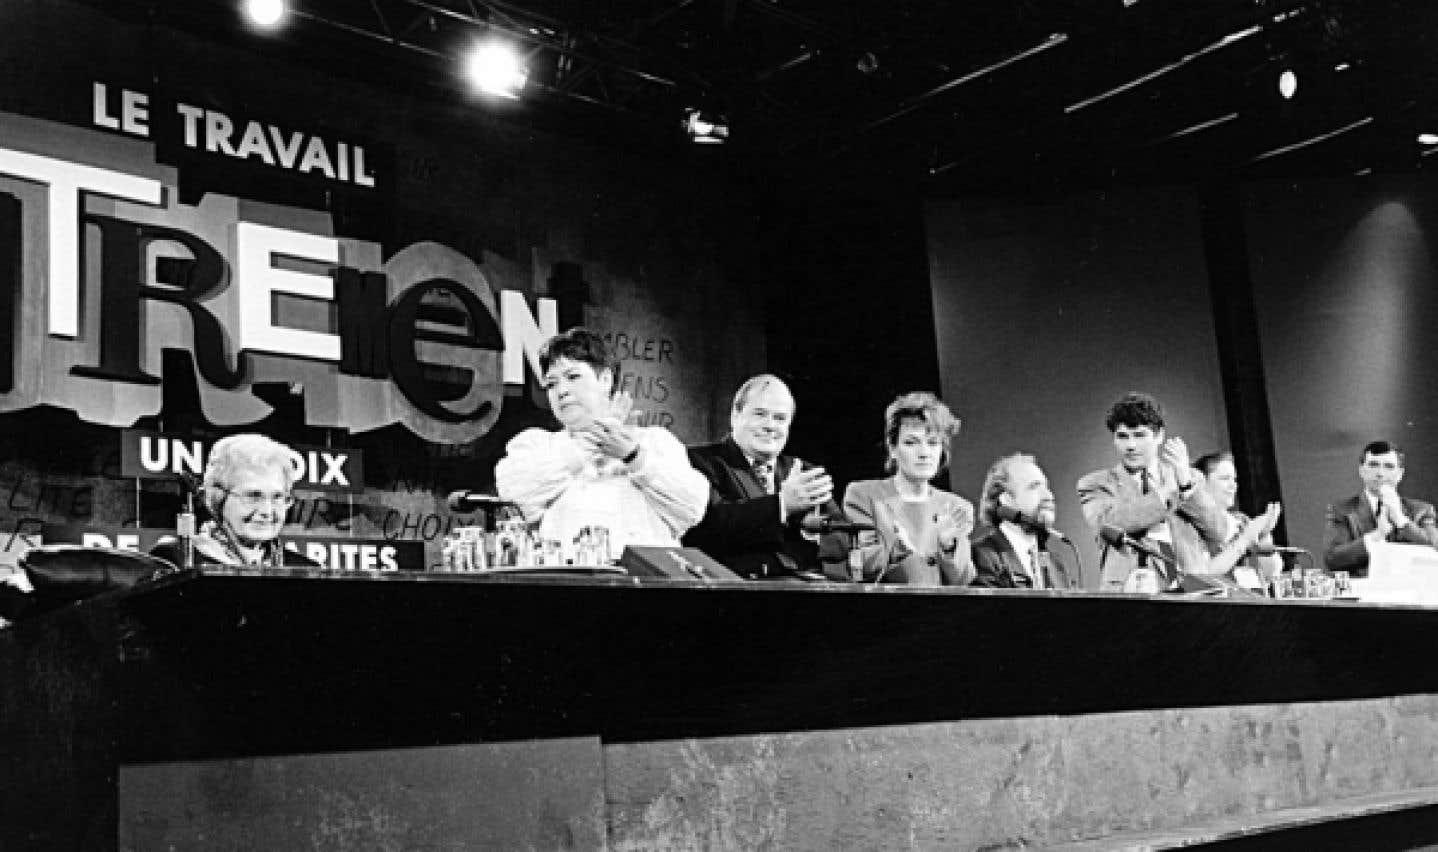 Congrès de la CSN en 1994. De gauche à droite: Madeleine Parent, Céline Lamontagne, Léopold Beaulieu, Claudette Carbonneau, Gérald Larose, Pierre Paquette, Nicole Cousineau et Roger Valois.